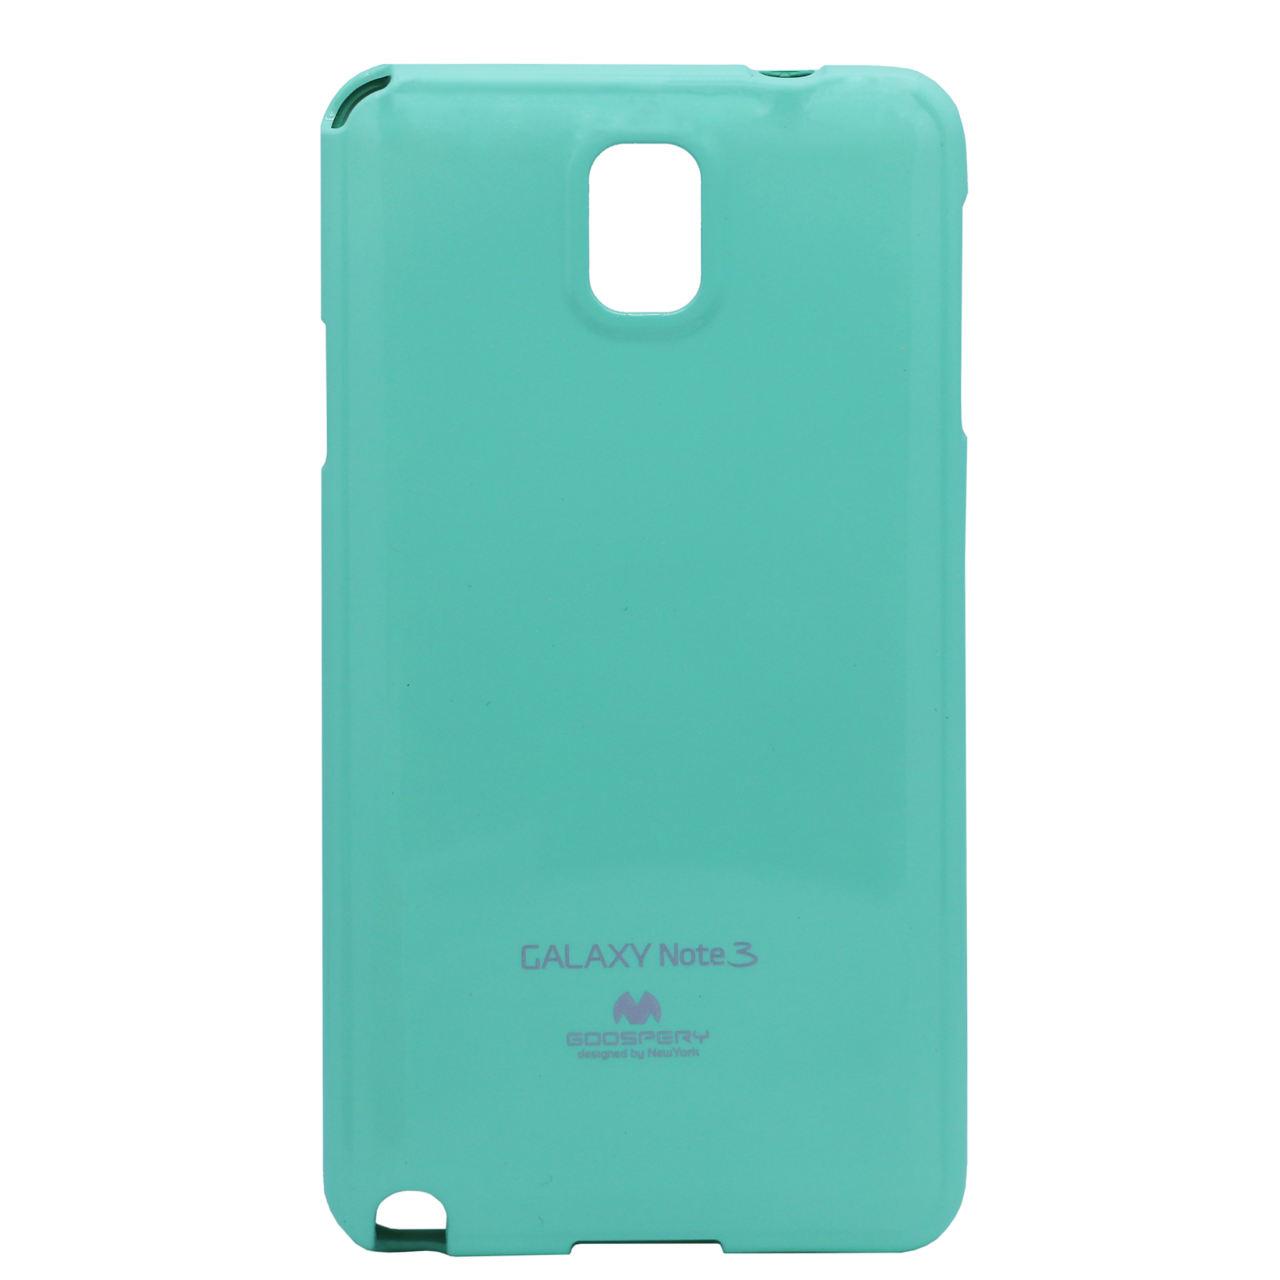 کاور گوسپری مدل goos-01 مناسب برای گوشی موبایل سامسونگ Galaxy Note 3